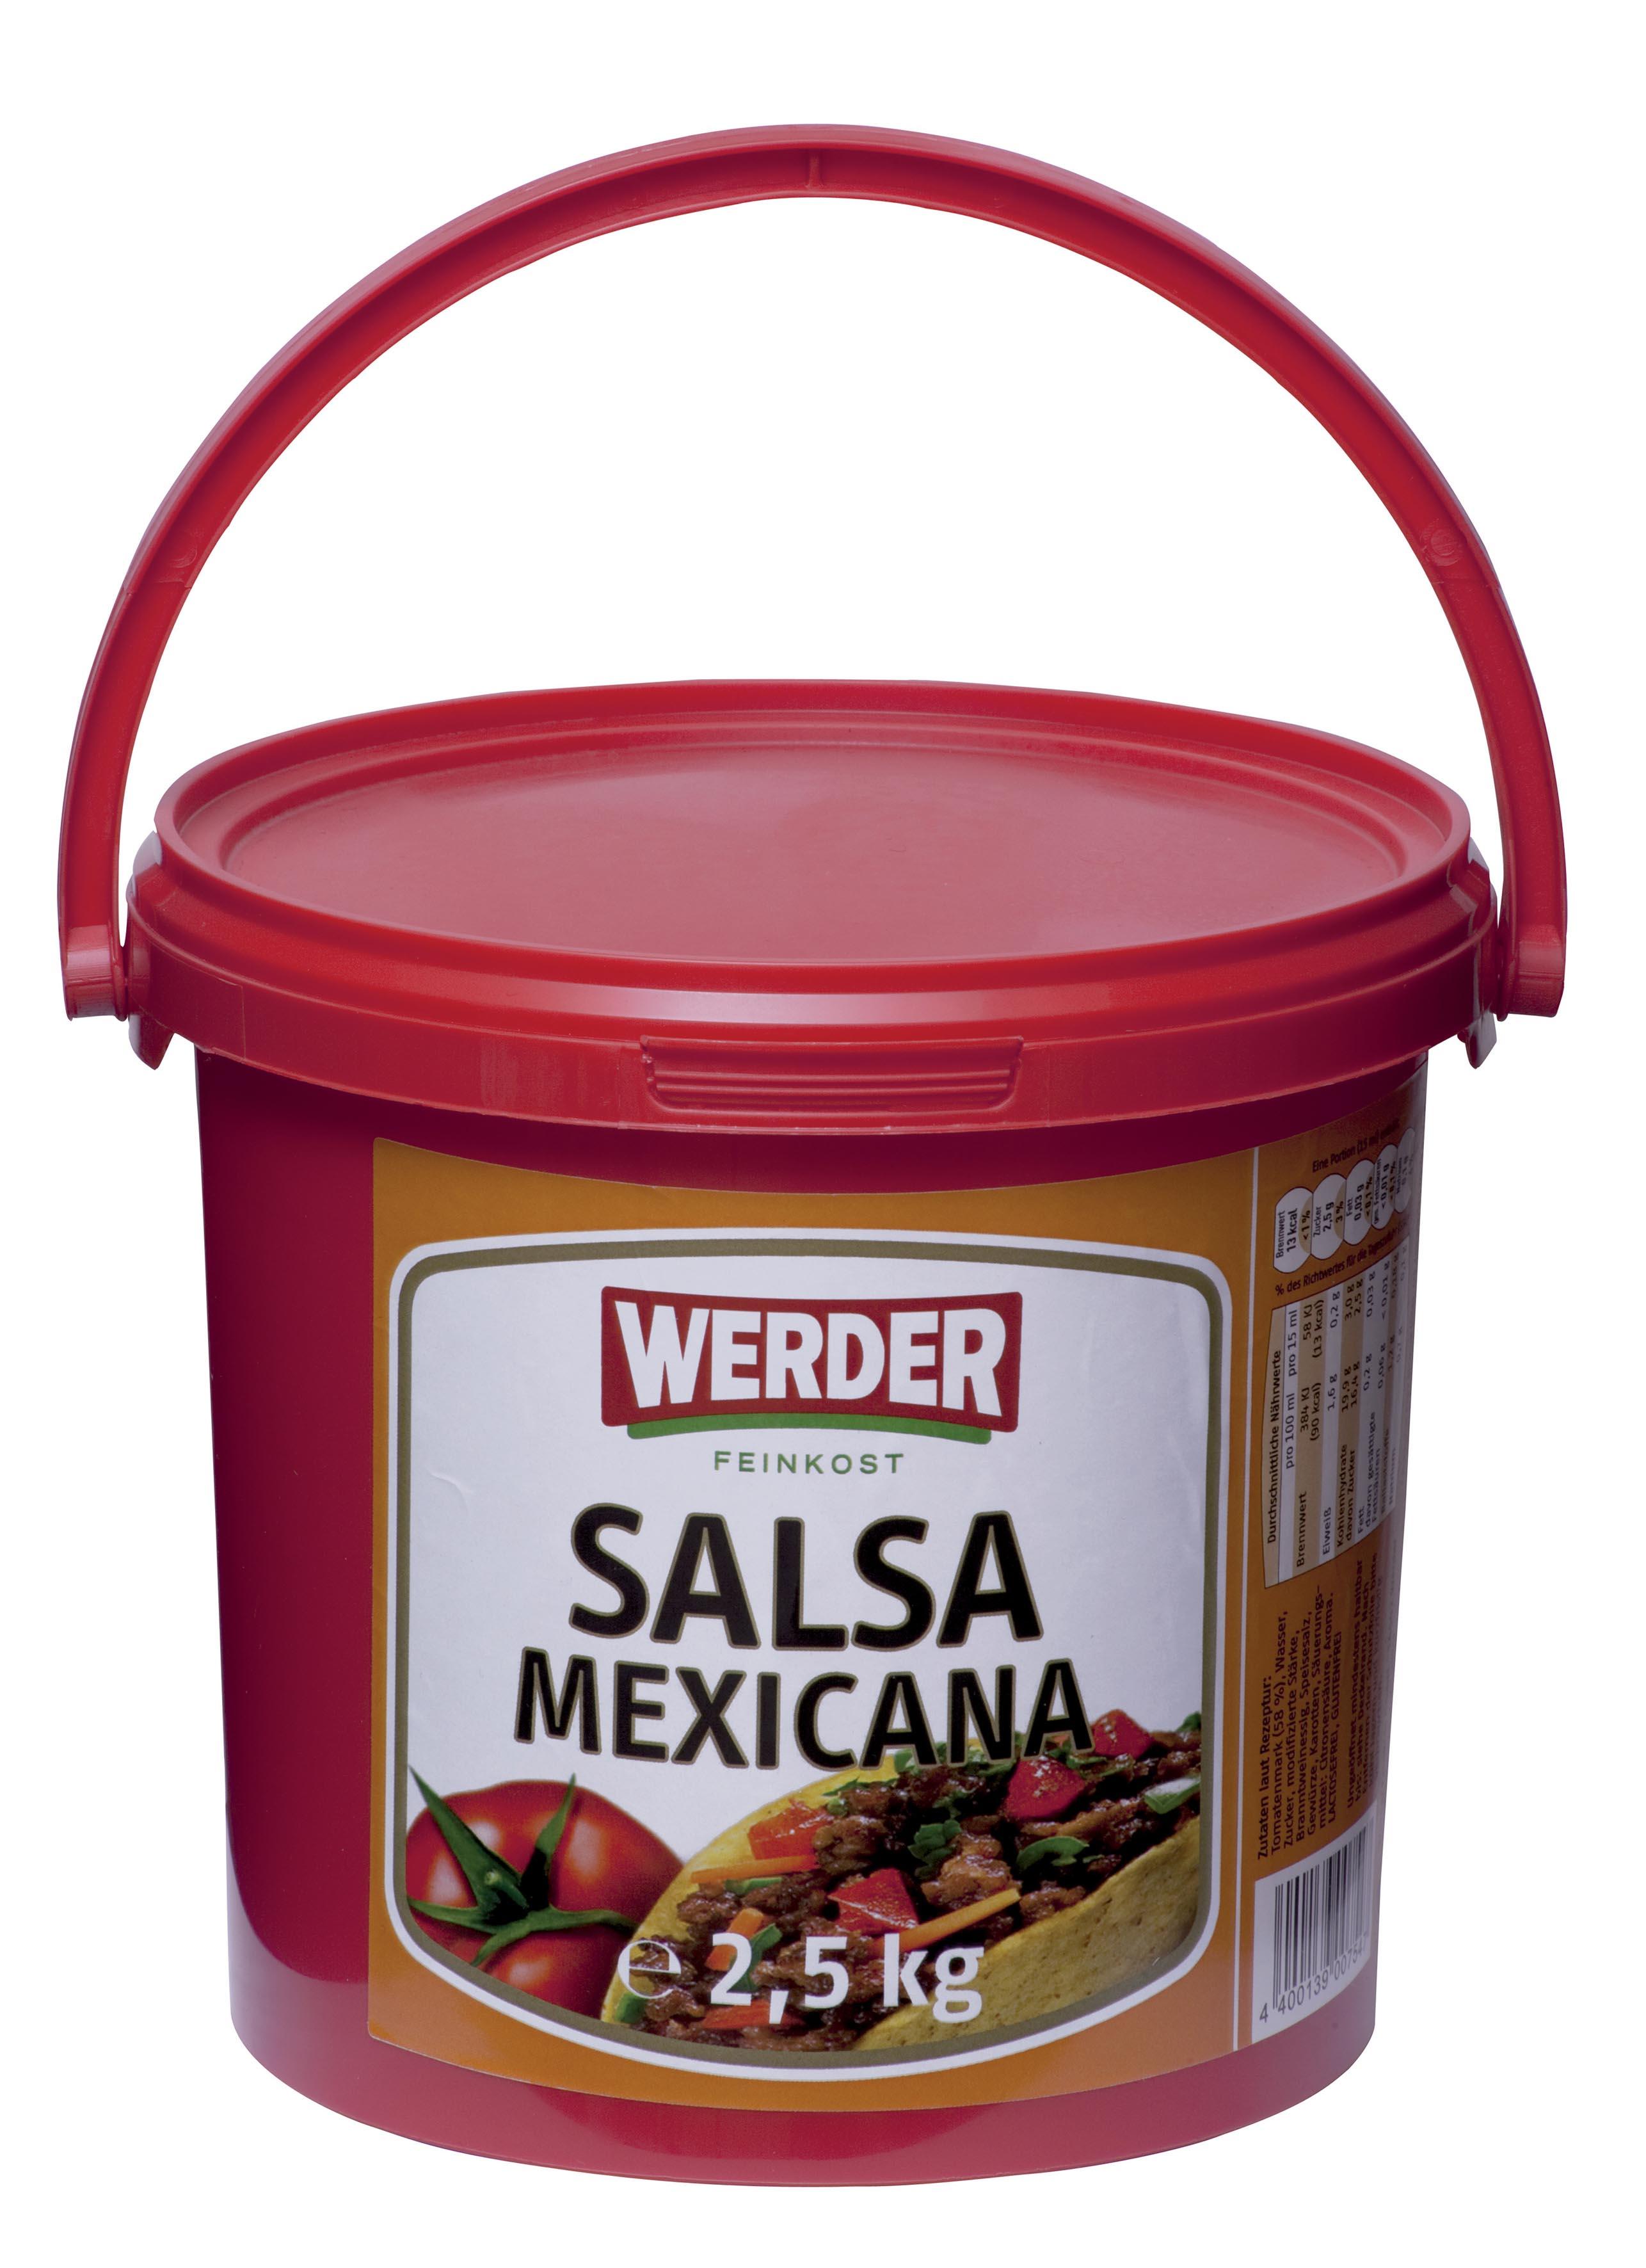 02 mexicana